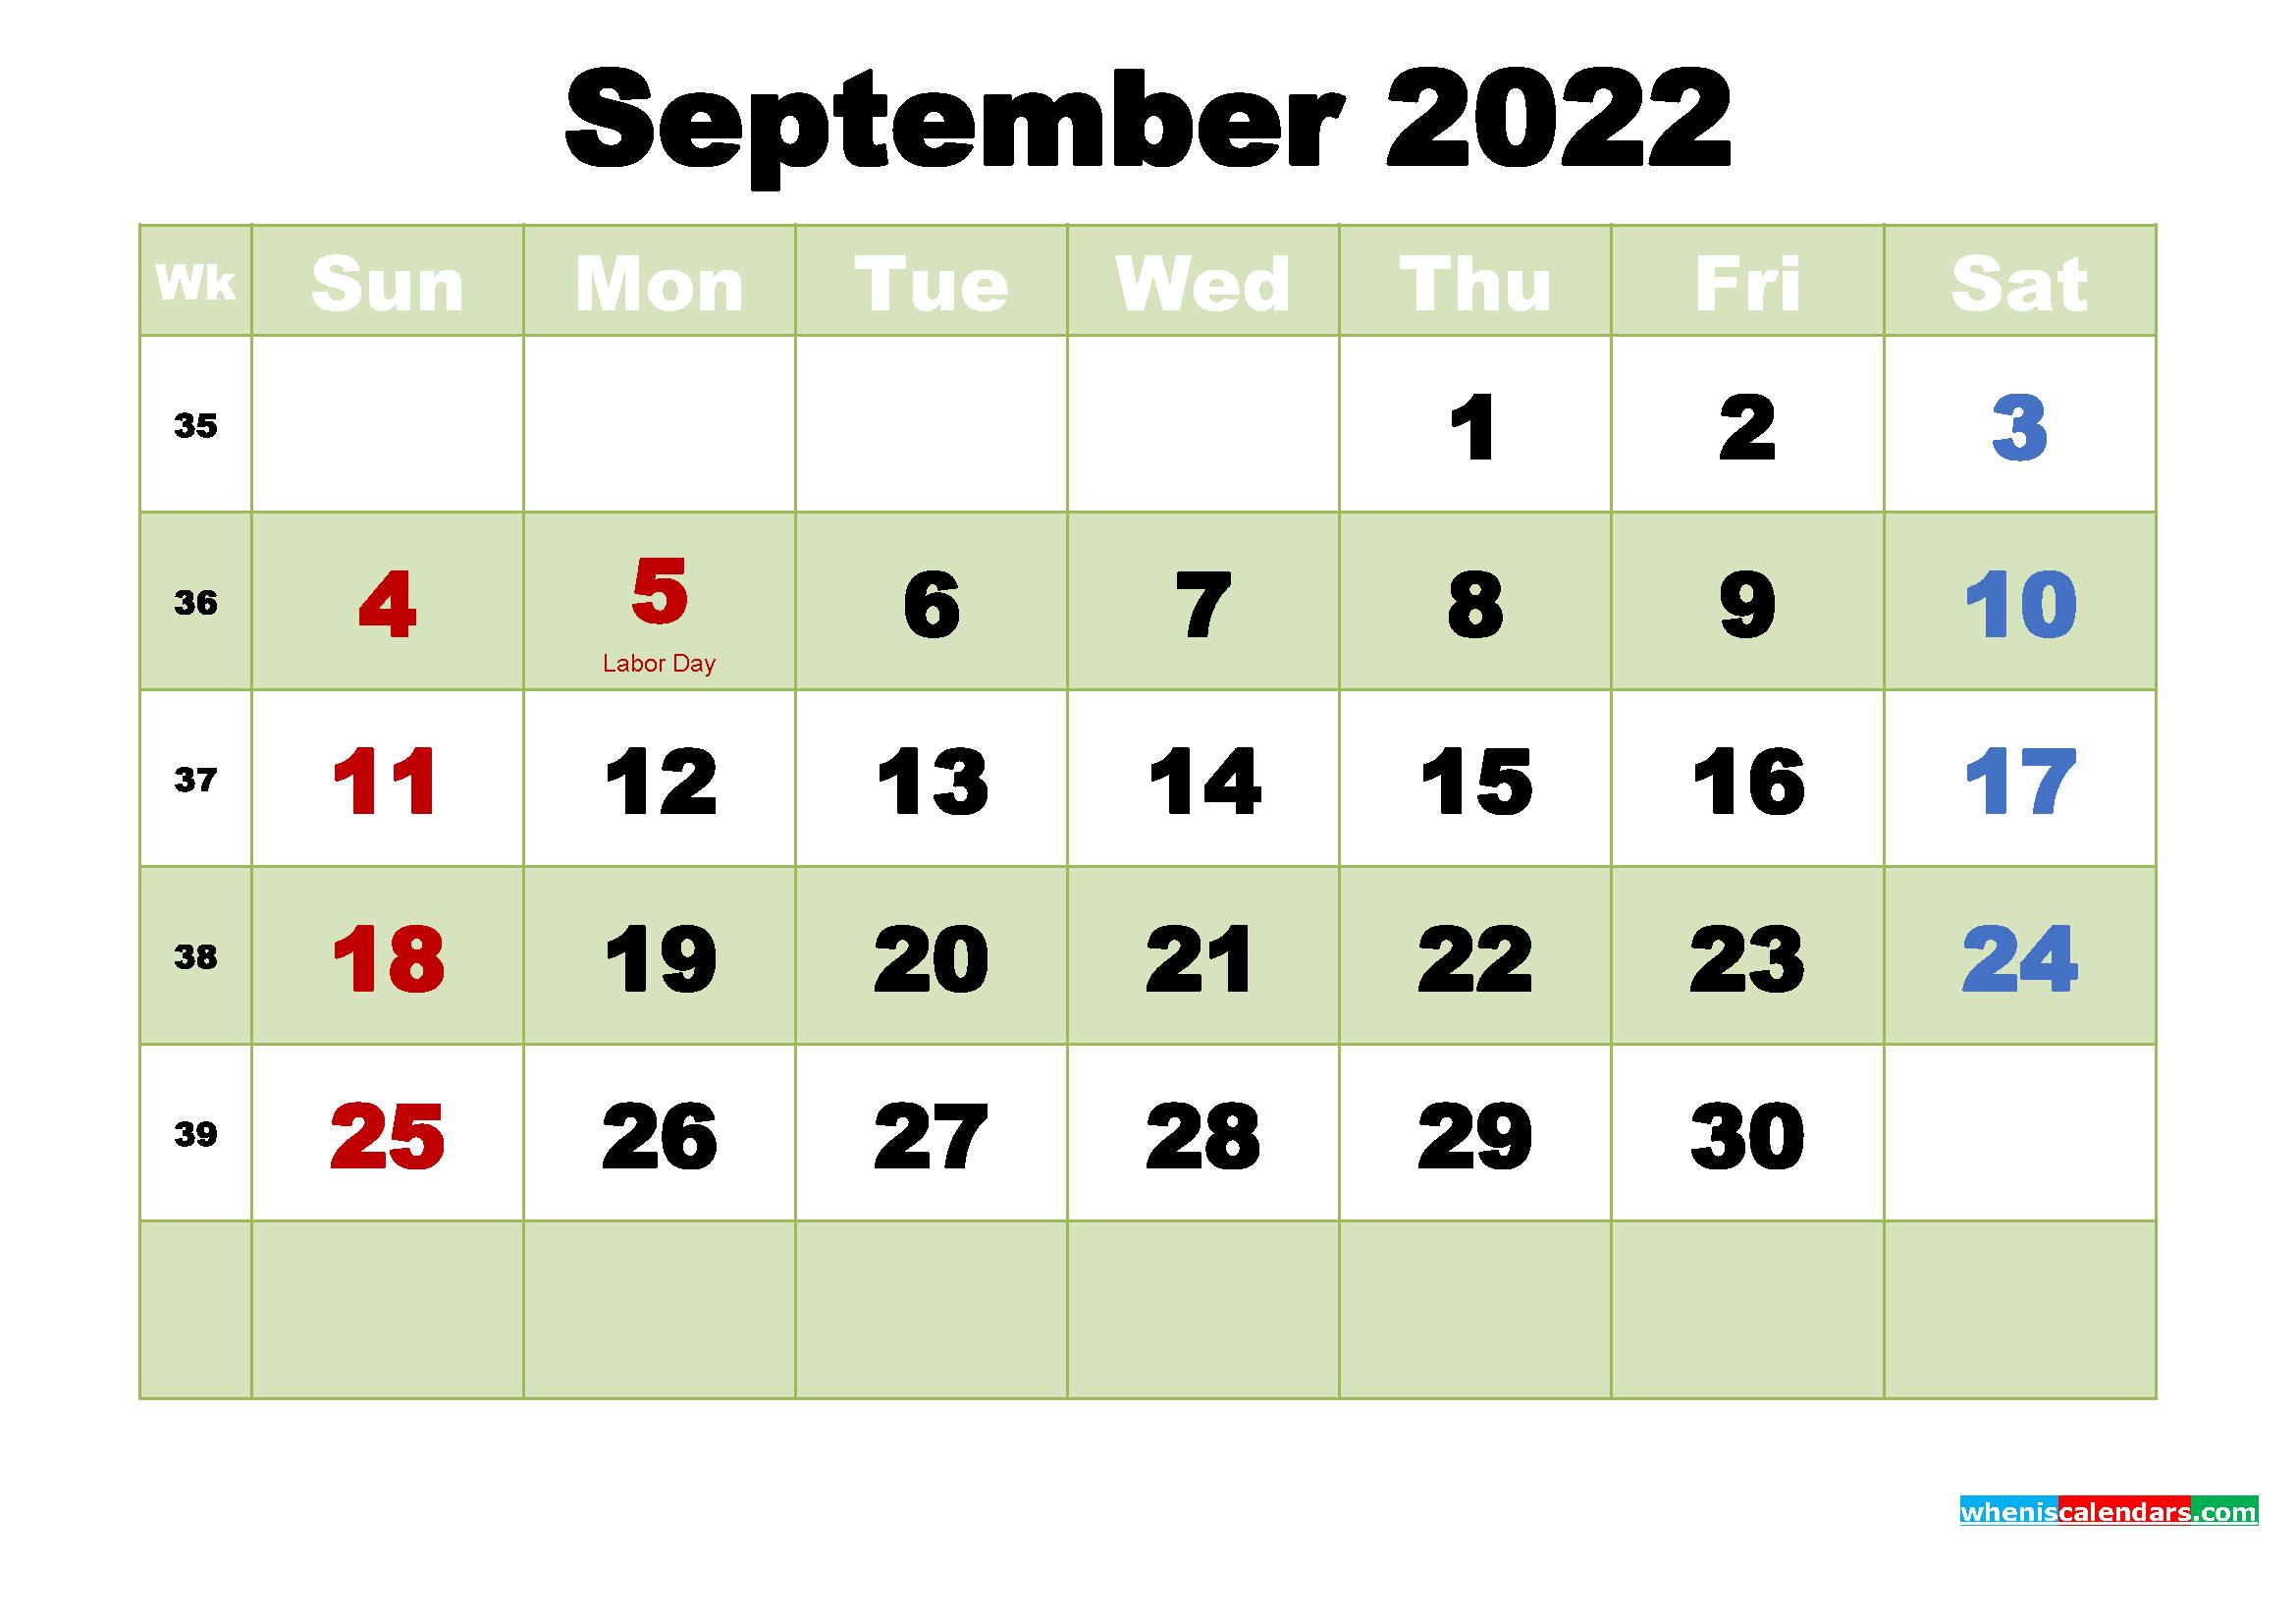 September 2022 Desktop Calendar Free Download